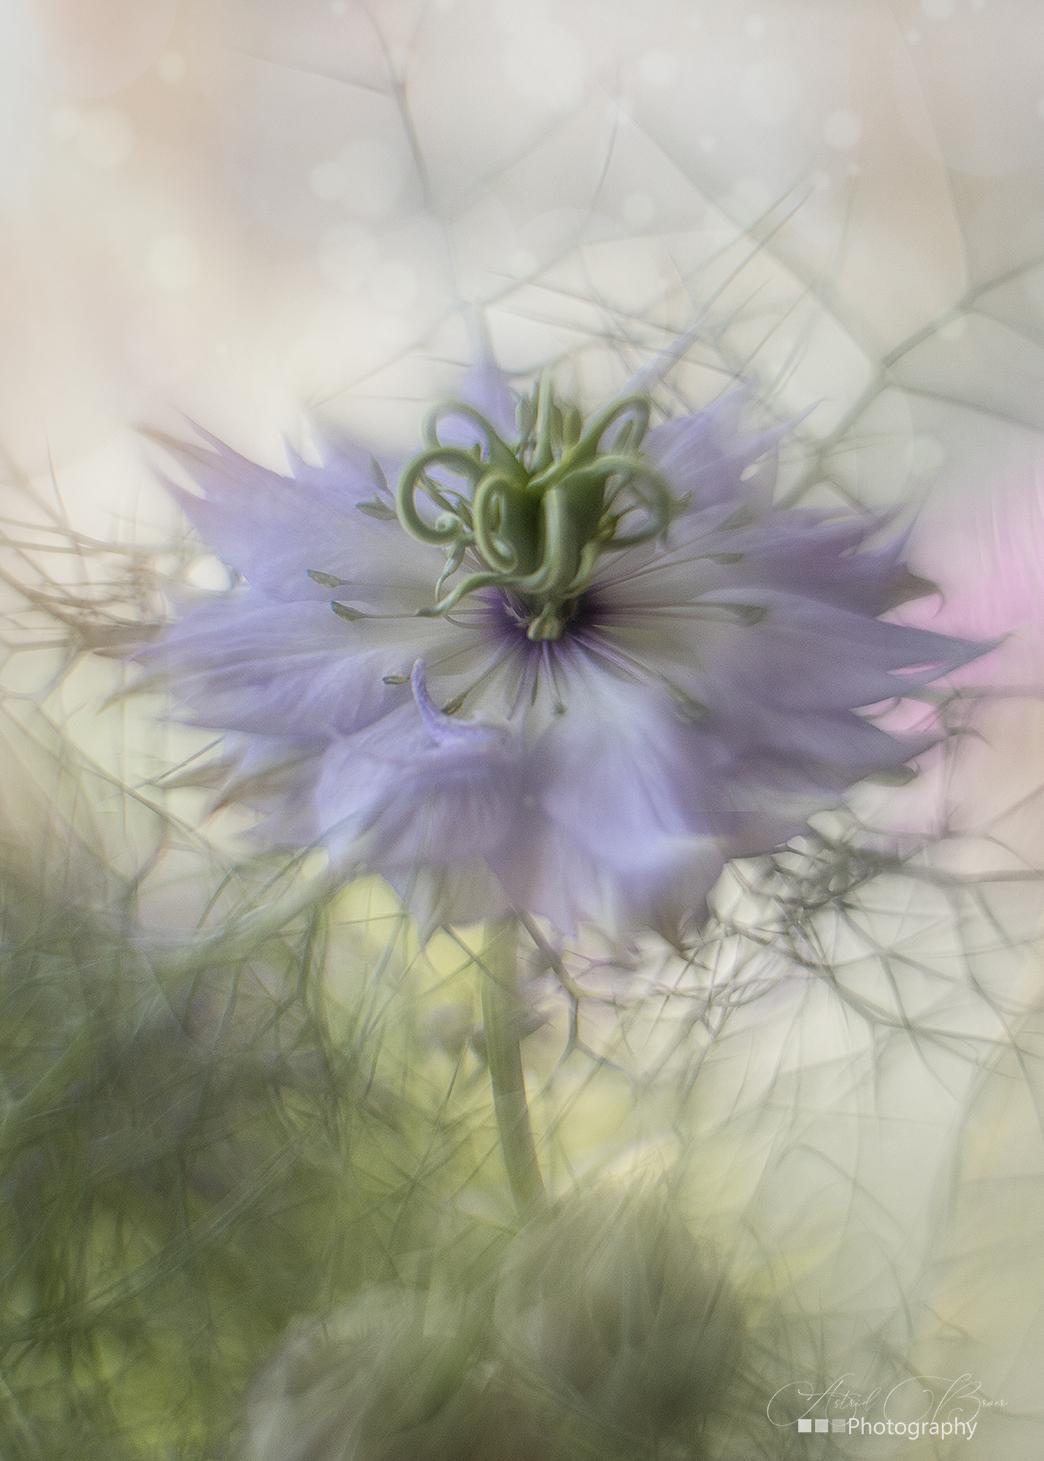 Juffertje in het groen - Deze foto is gemaakt met de Helios 44-2 Petzval - foto door AstridBroer op 16-04-2021 - deze foto bevat: bloem, dromerig, lila, vintage, vintagelens, helios, petzval, soft, bokeh, voorjaar, bloem, liefde in de mist, fabriek, bloemblaadje, purper, kruidachtige plant, kunst, gras, detailopname, bloeiende plant